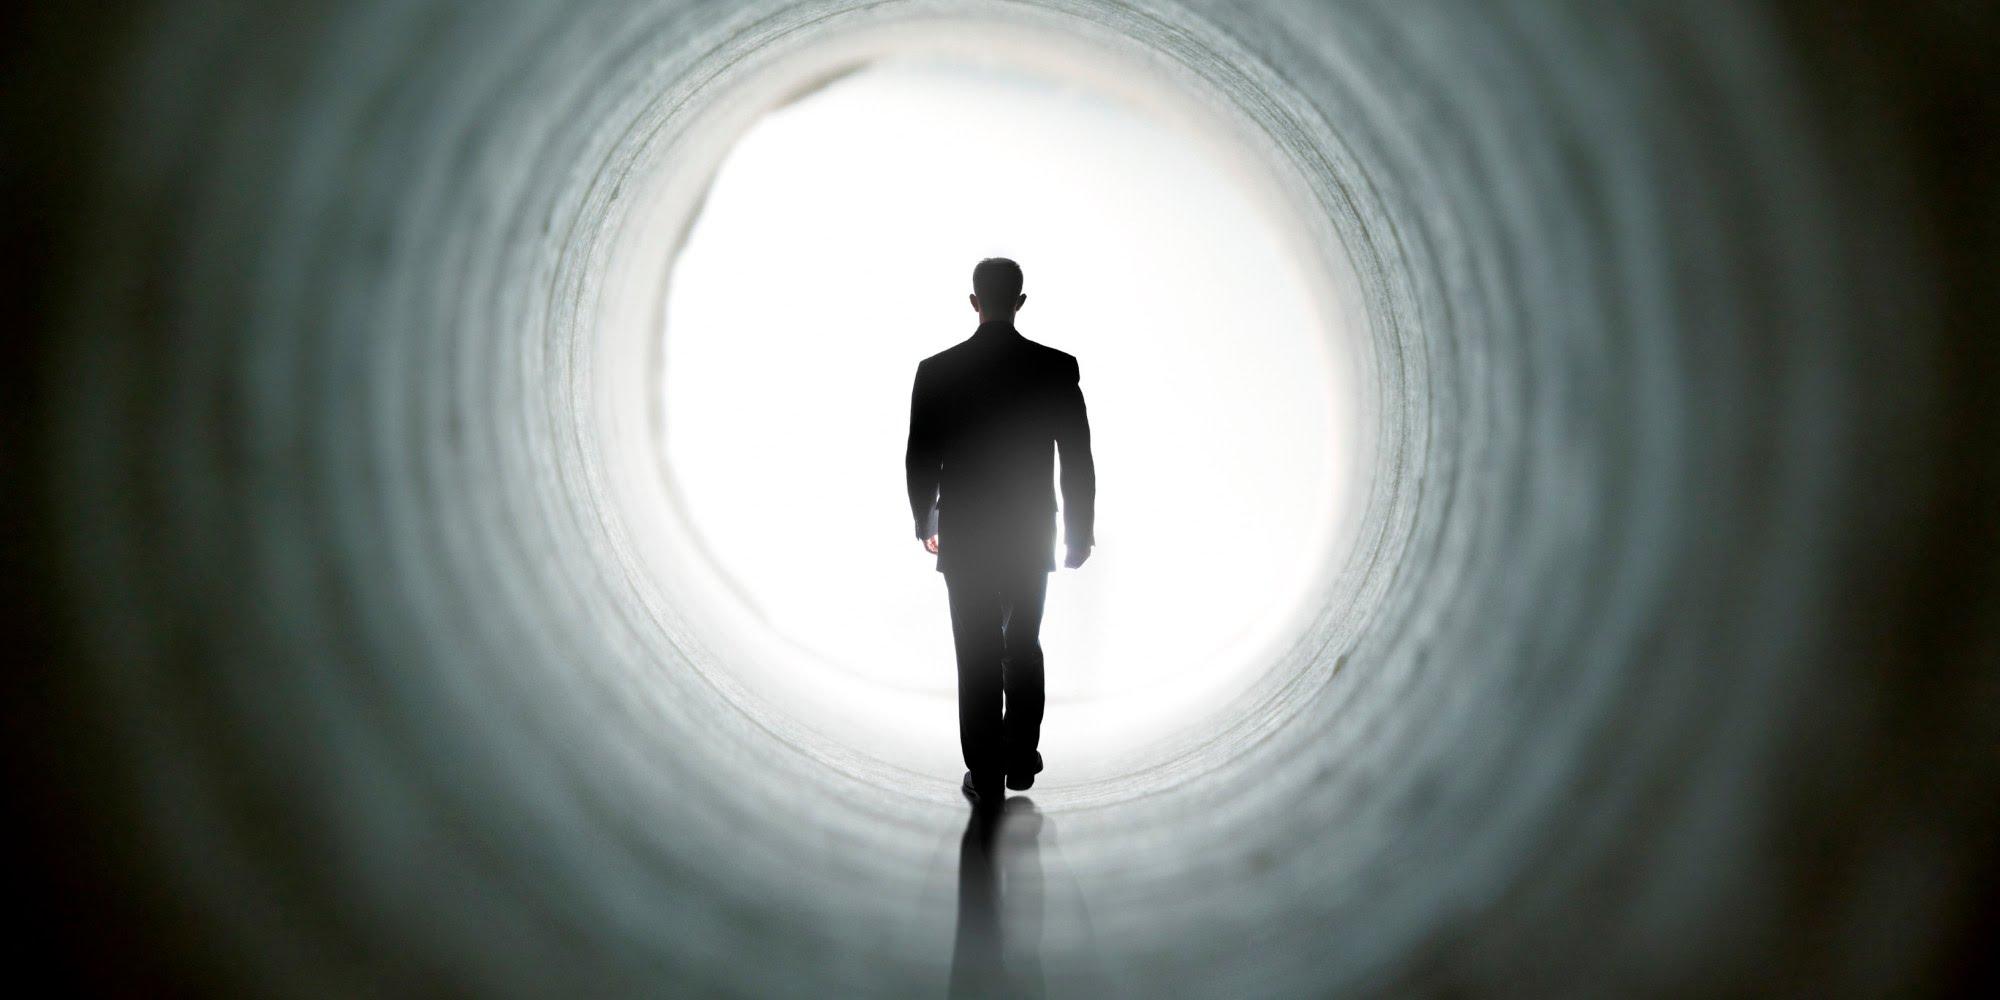 Sensation: Life after death exists!